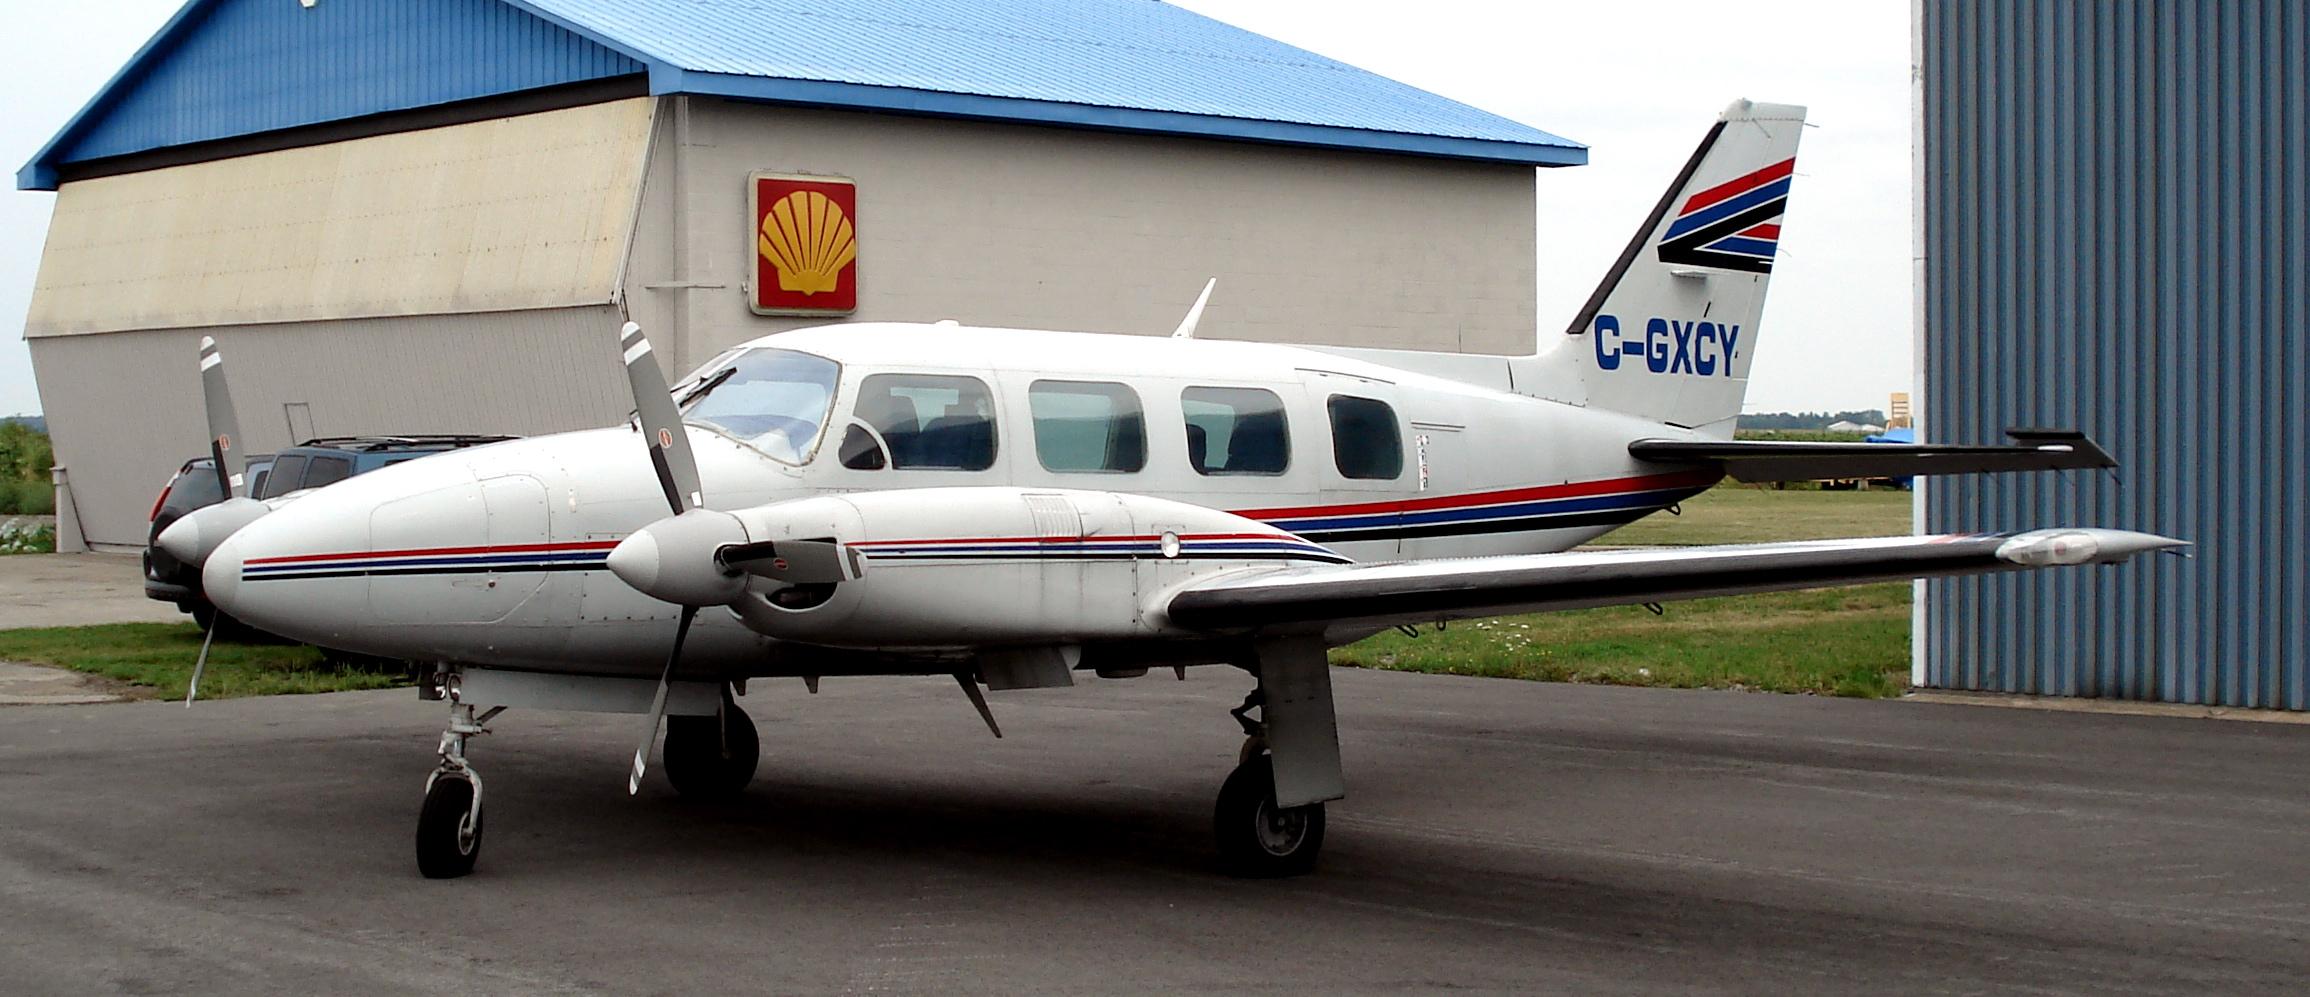 piper pa 31 navajo wikiwand rh wikiwand com Comanche 250 Piper Twin Comanche Airplane Models